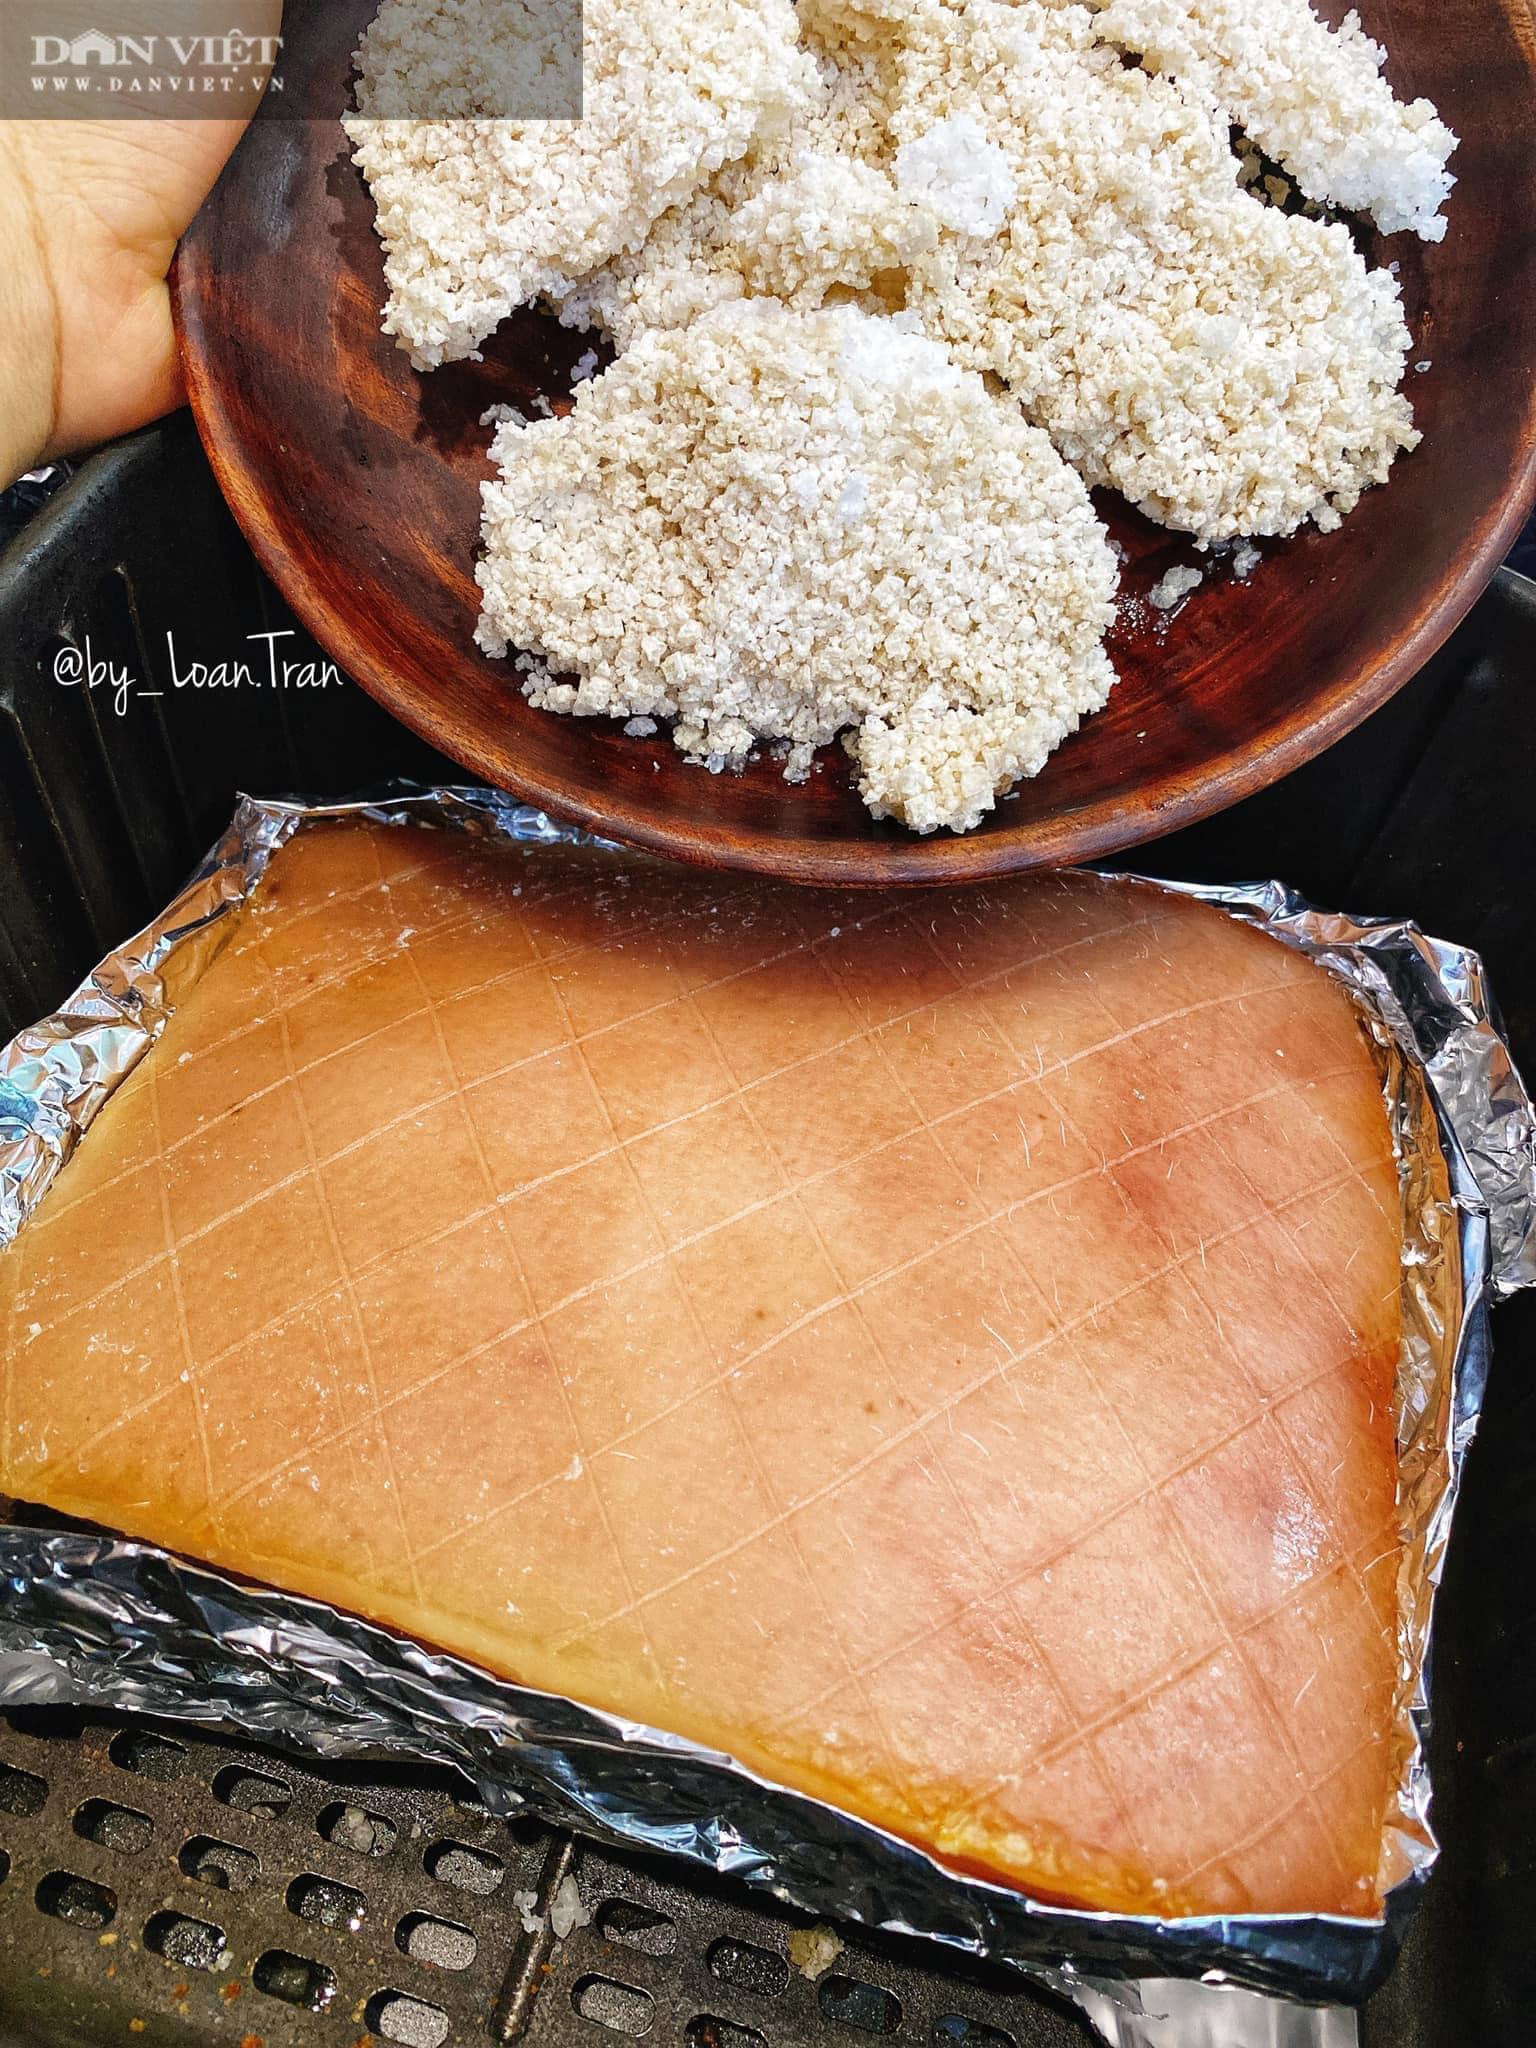 Chỉ cần làm điều này, đảm bảo thịt quay bằng nồi chiên không dầu ngon đúng chuẩn - Ảnh 6.